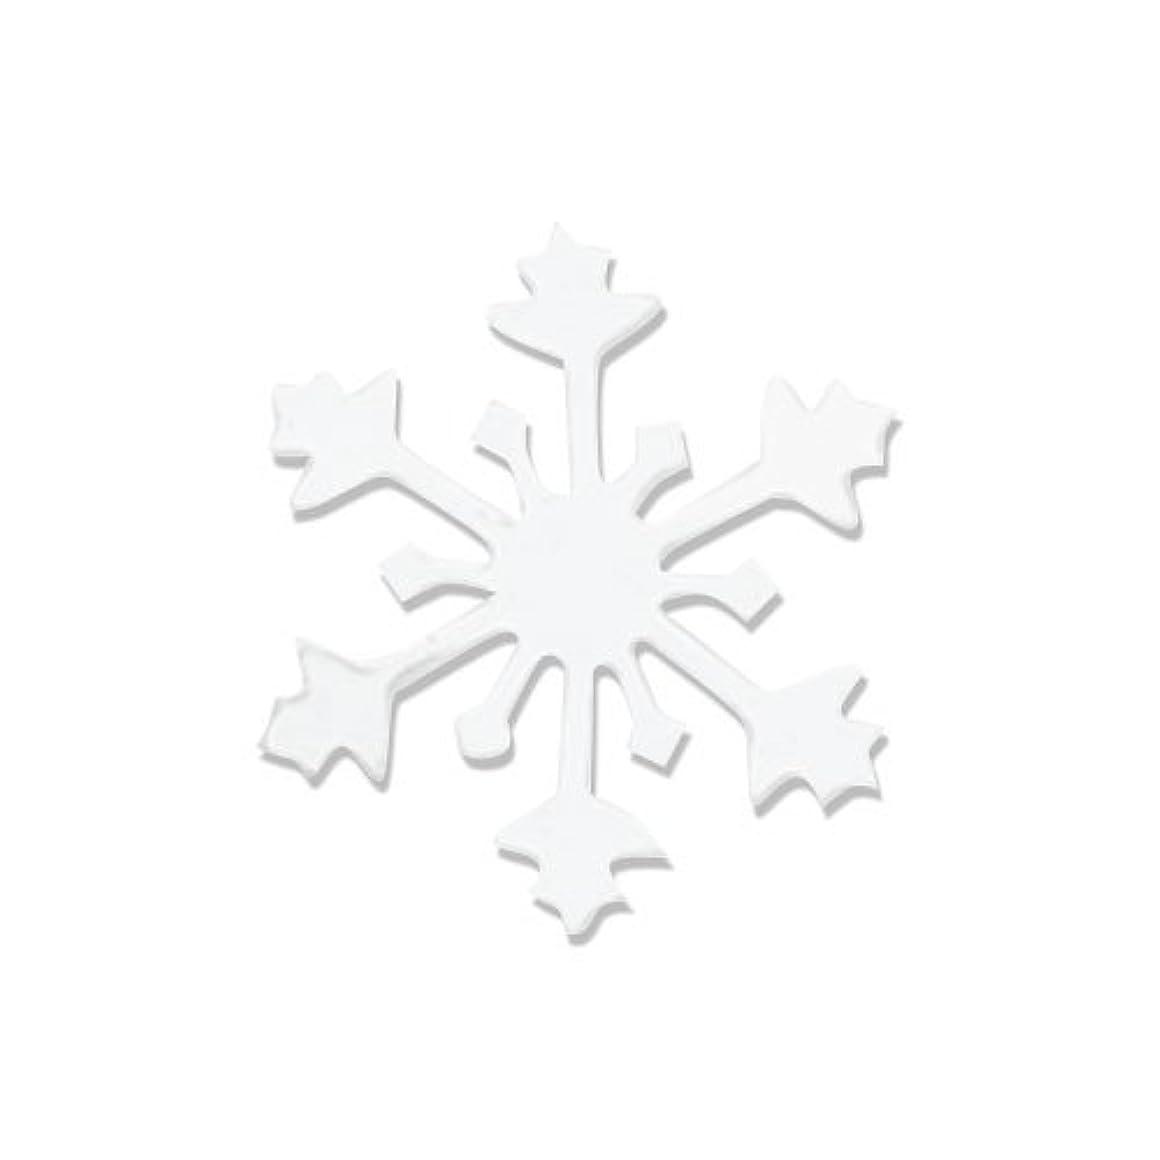 菊トランスペアレント光沢リトルプリティー ネイルアートパーツ スノークリスタル S ホワイト 10個